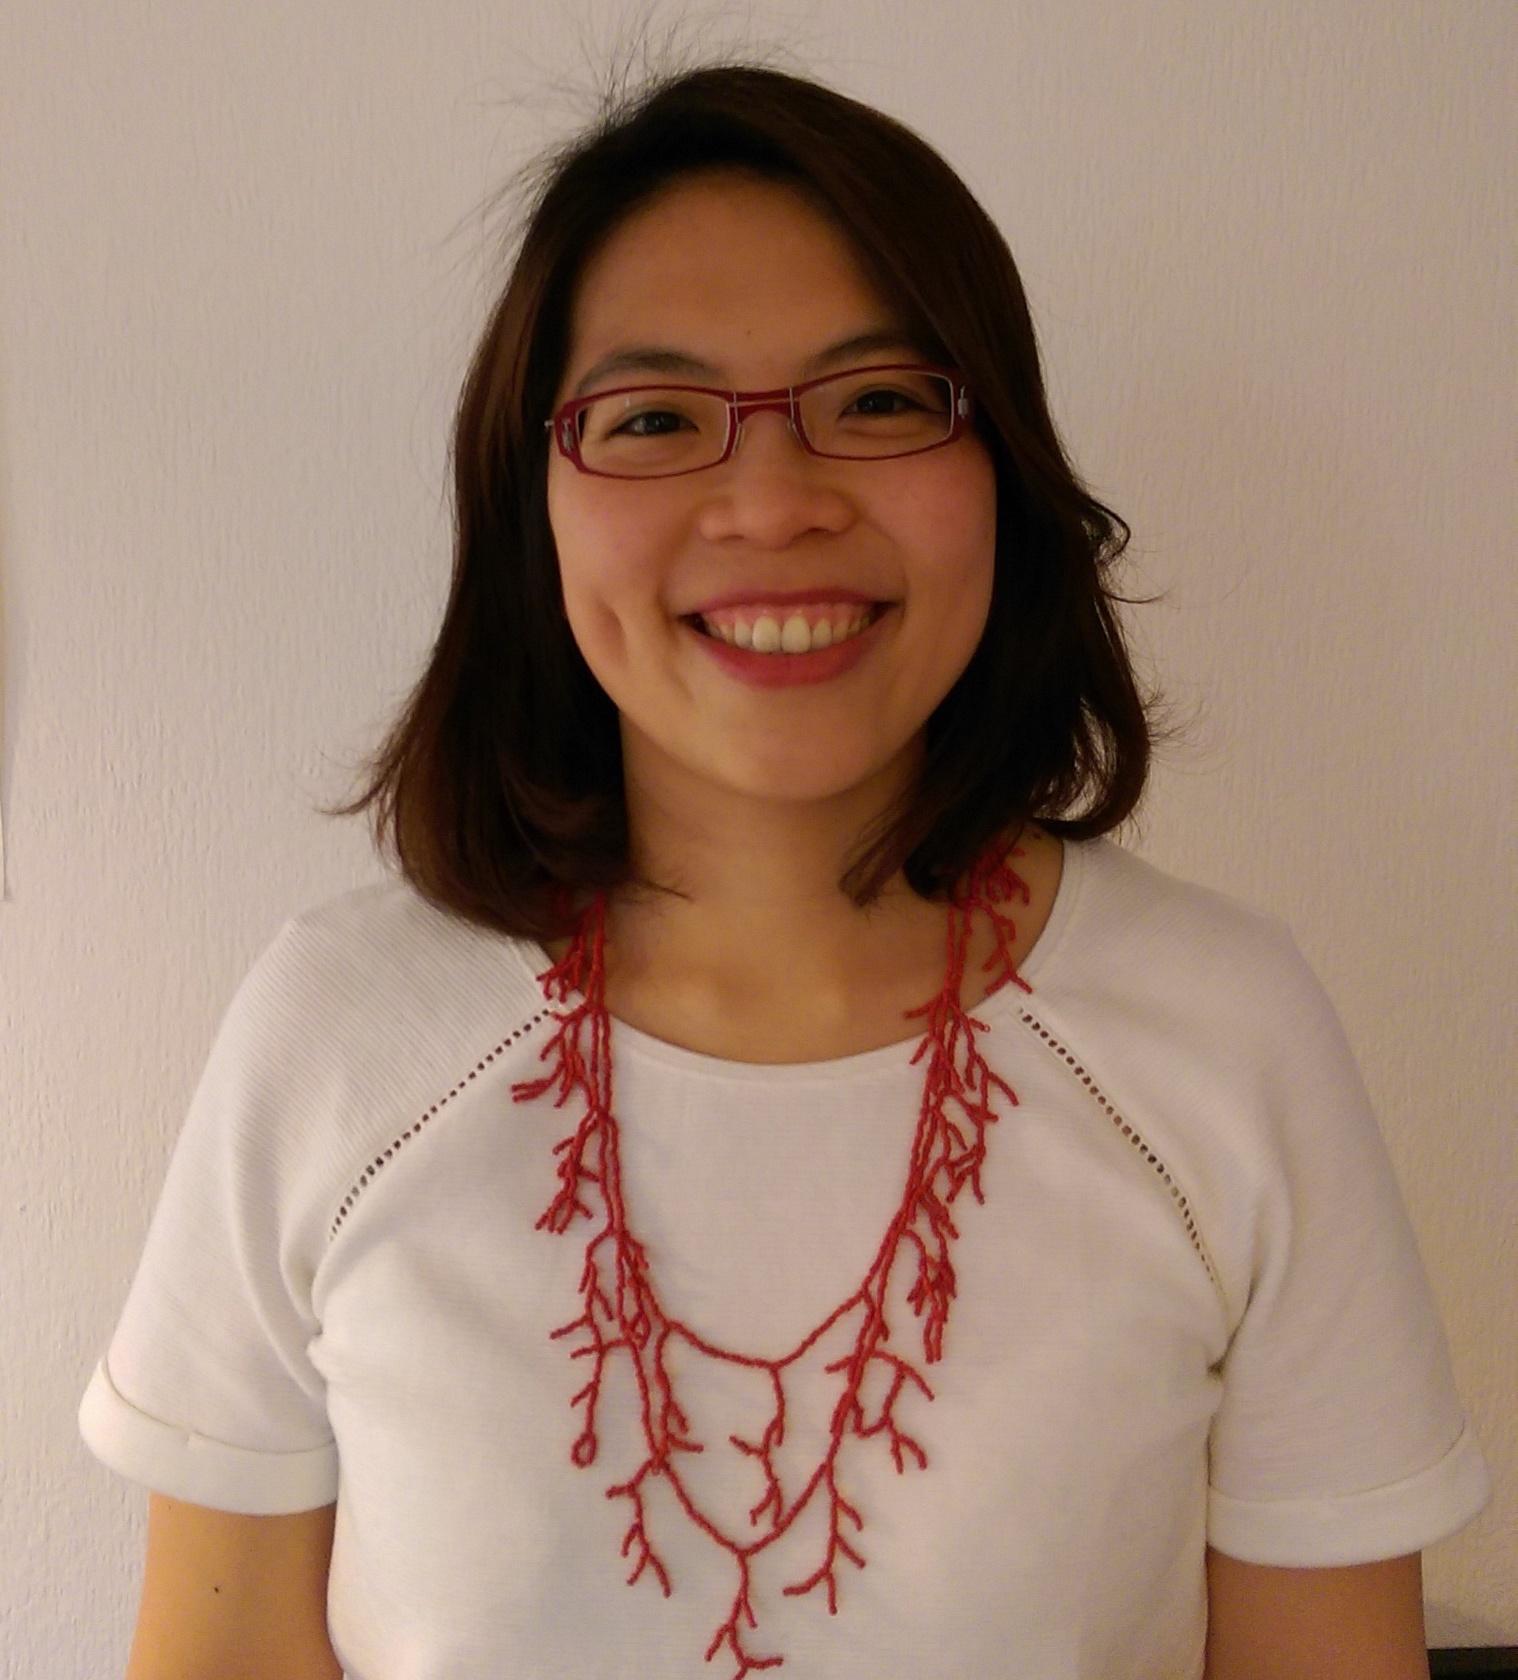 張欣怡|衛武營國家藝術文化中心節目部國際事務組組長